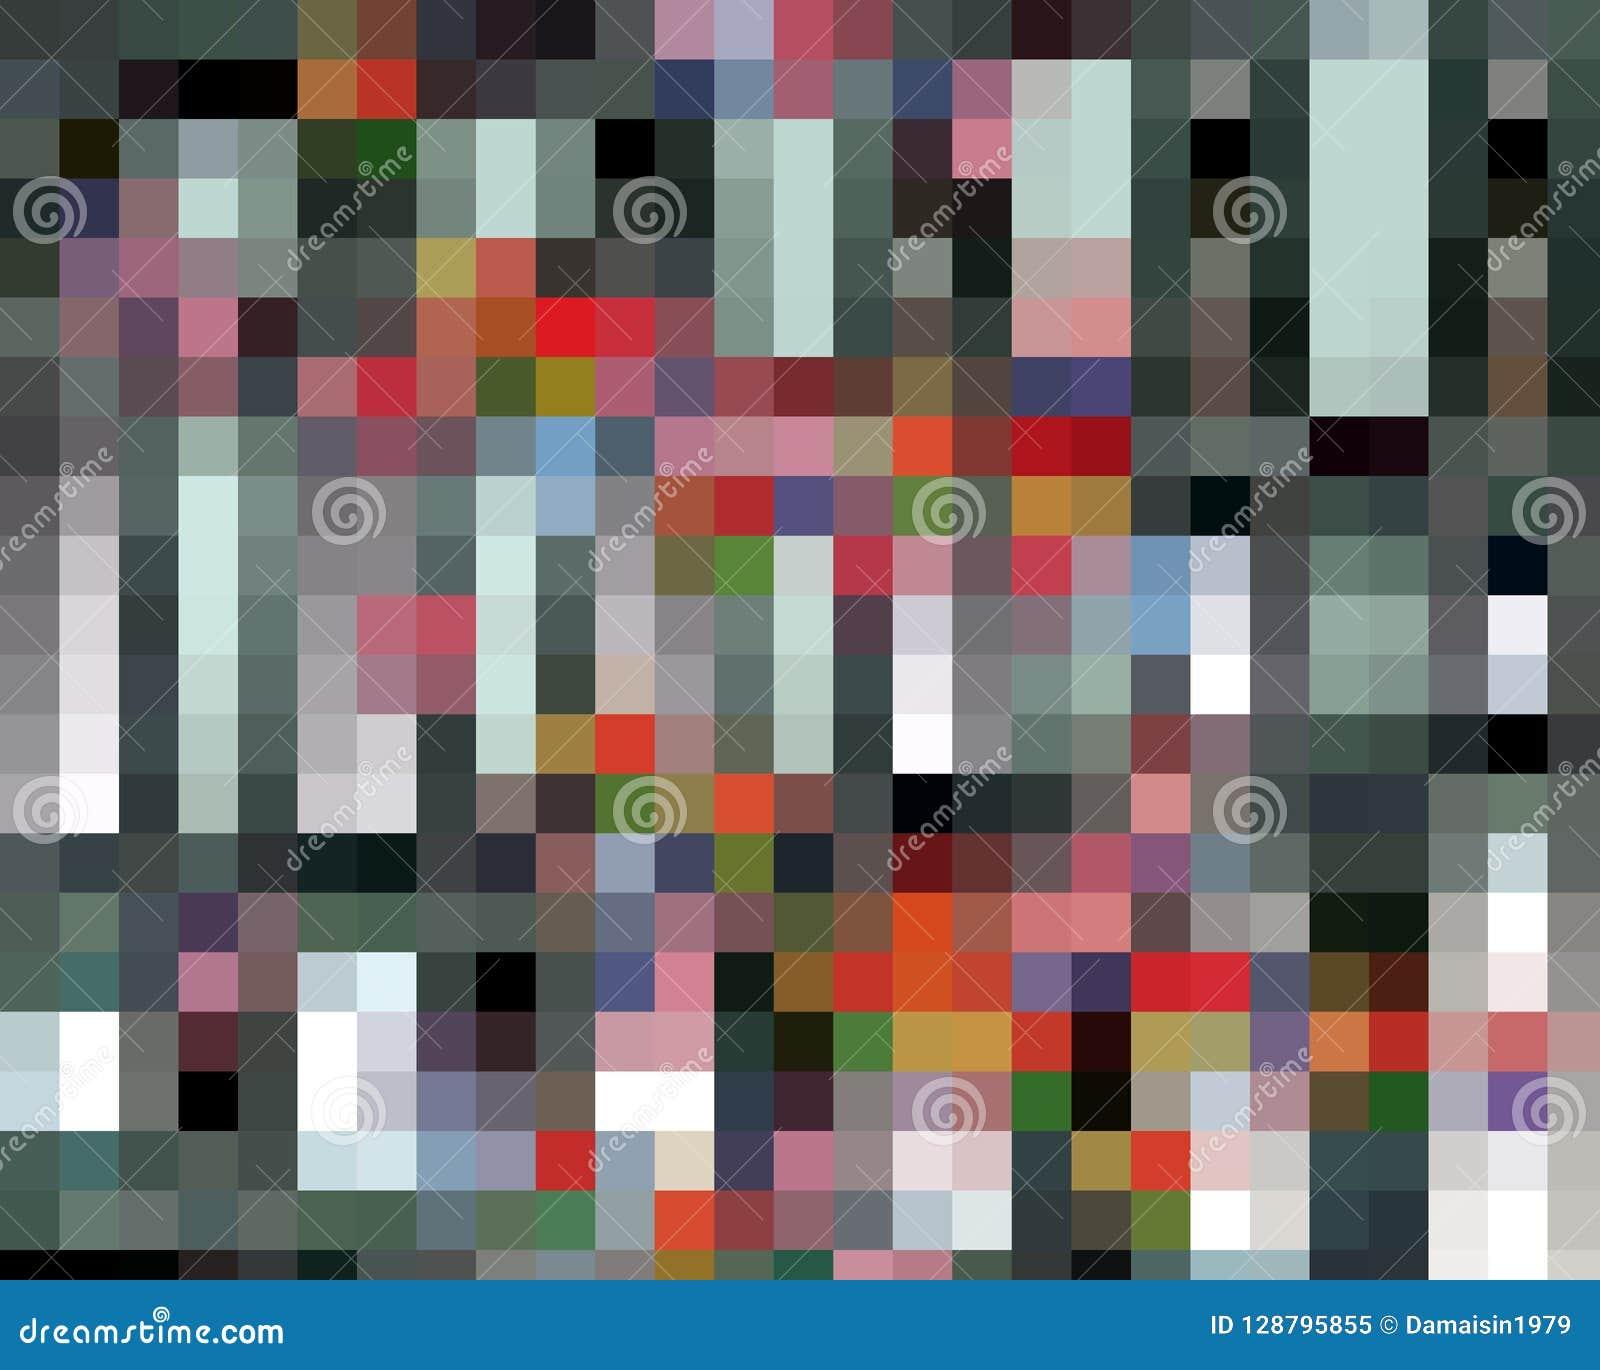 Gráficos anaranjado oscuro abstractos, geometrías, fondo y textura de las casillas blancas